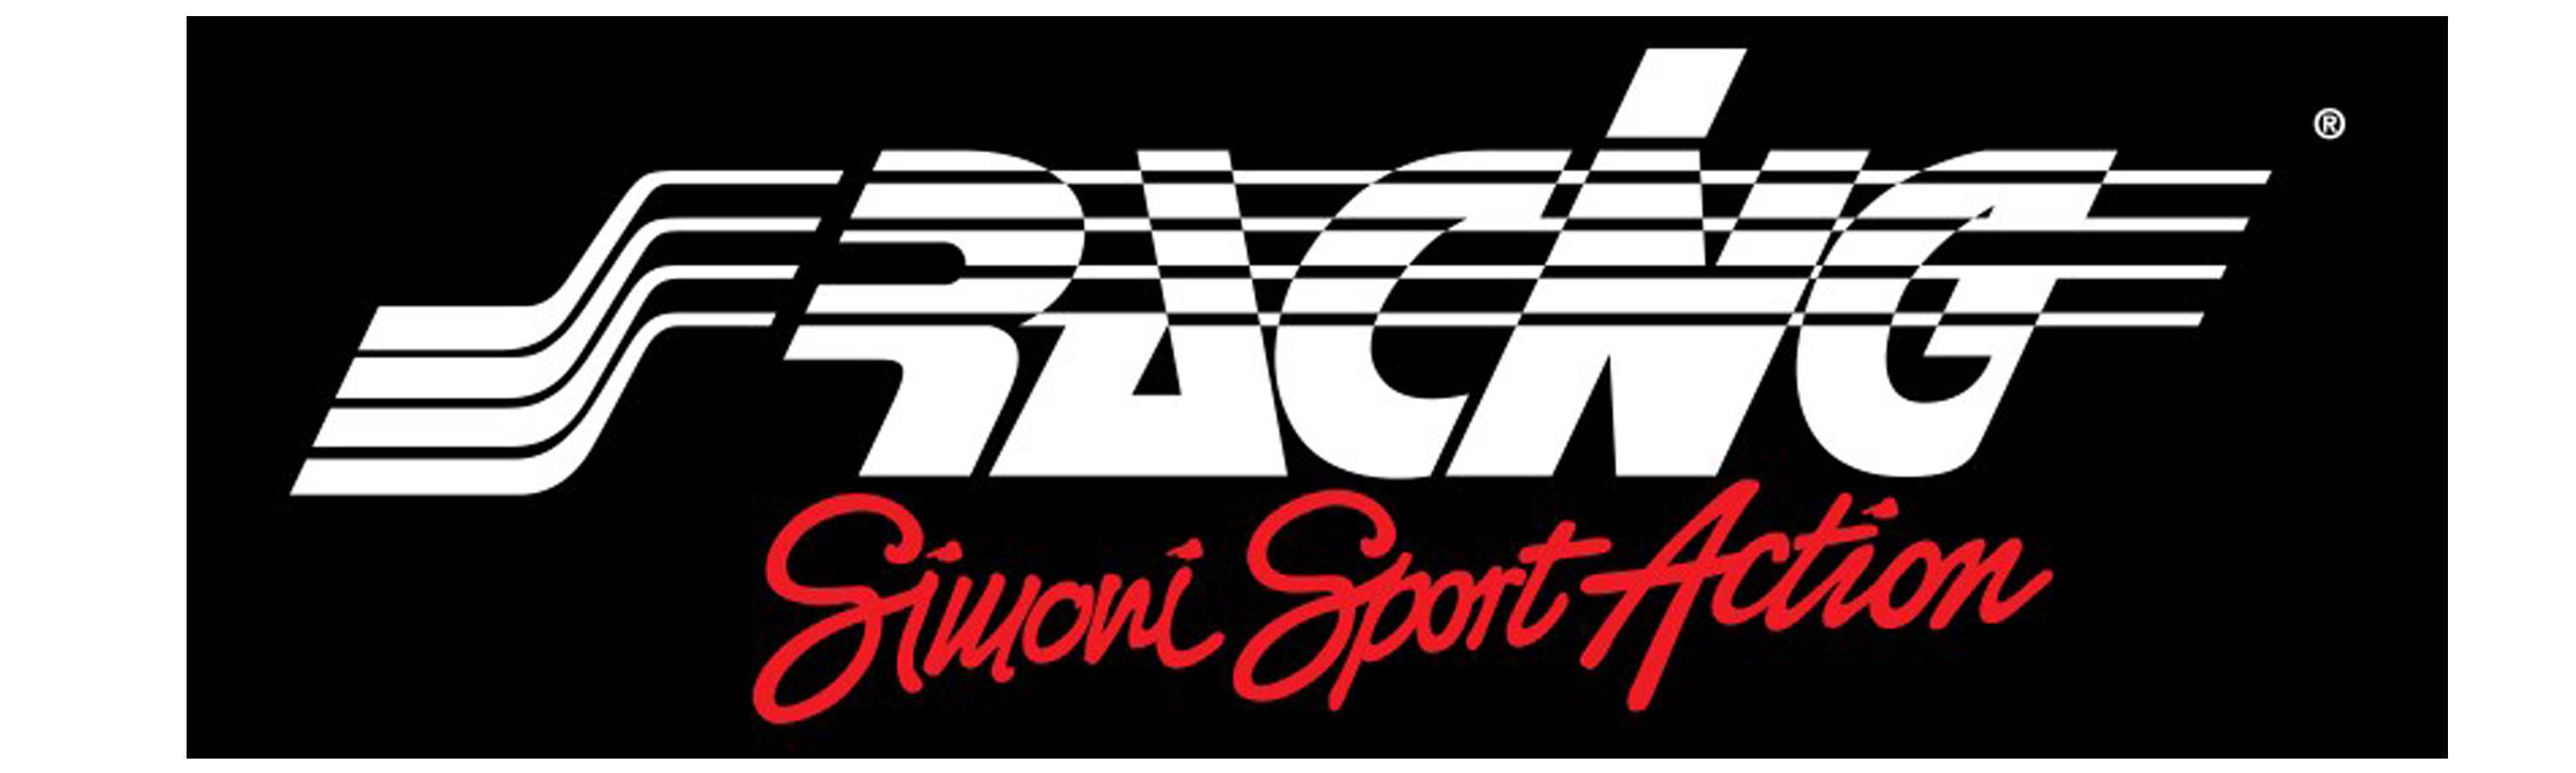 logo simoni racing